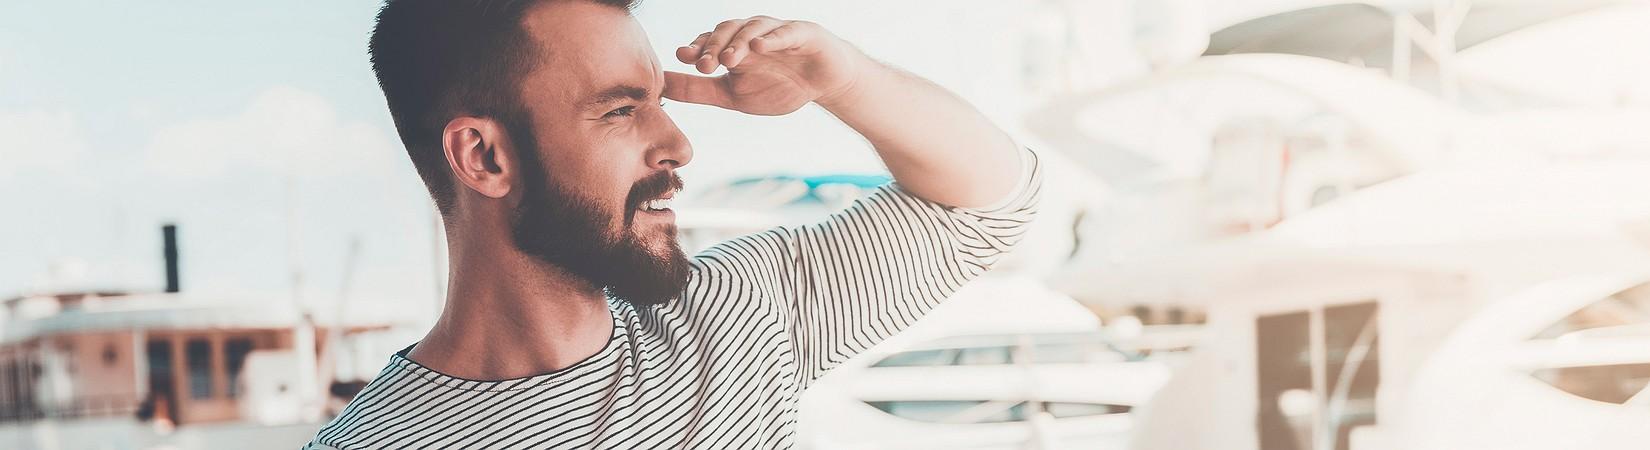 7 cosas que la gente con éxito hace de forma diferente